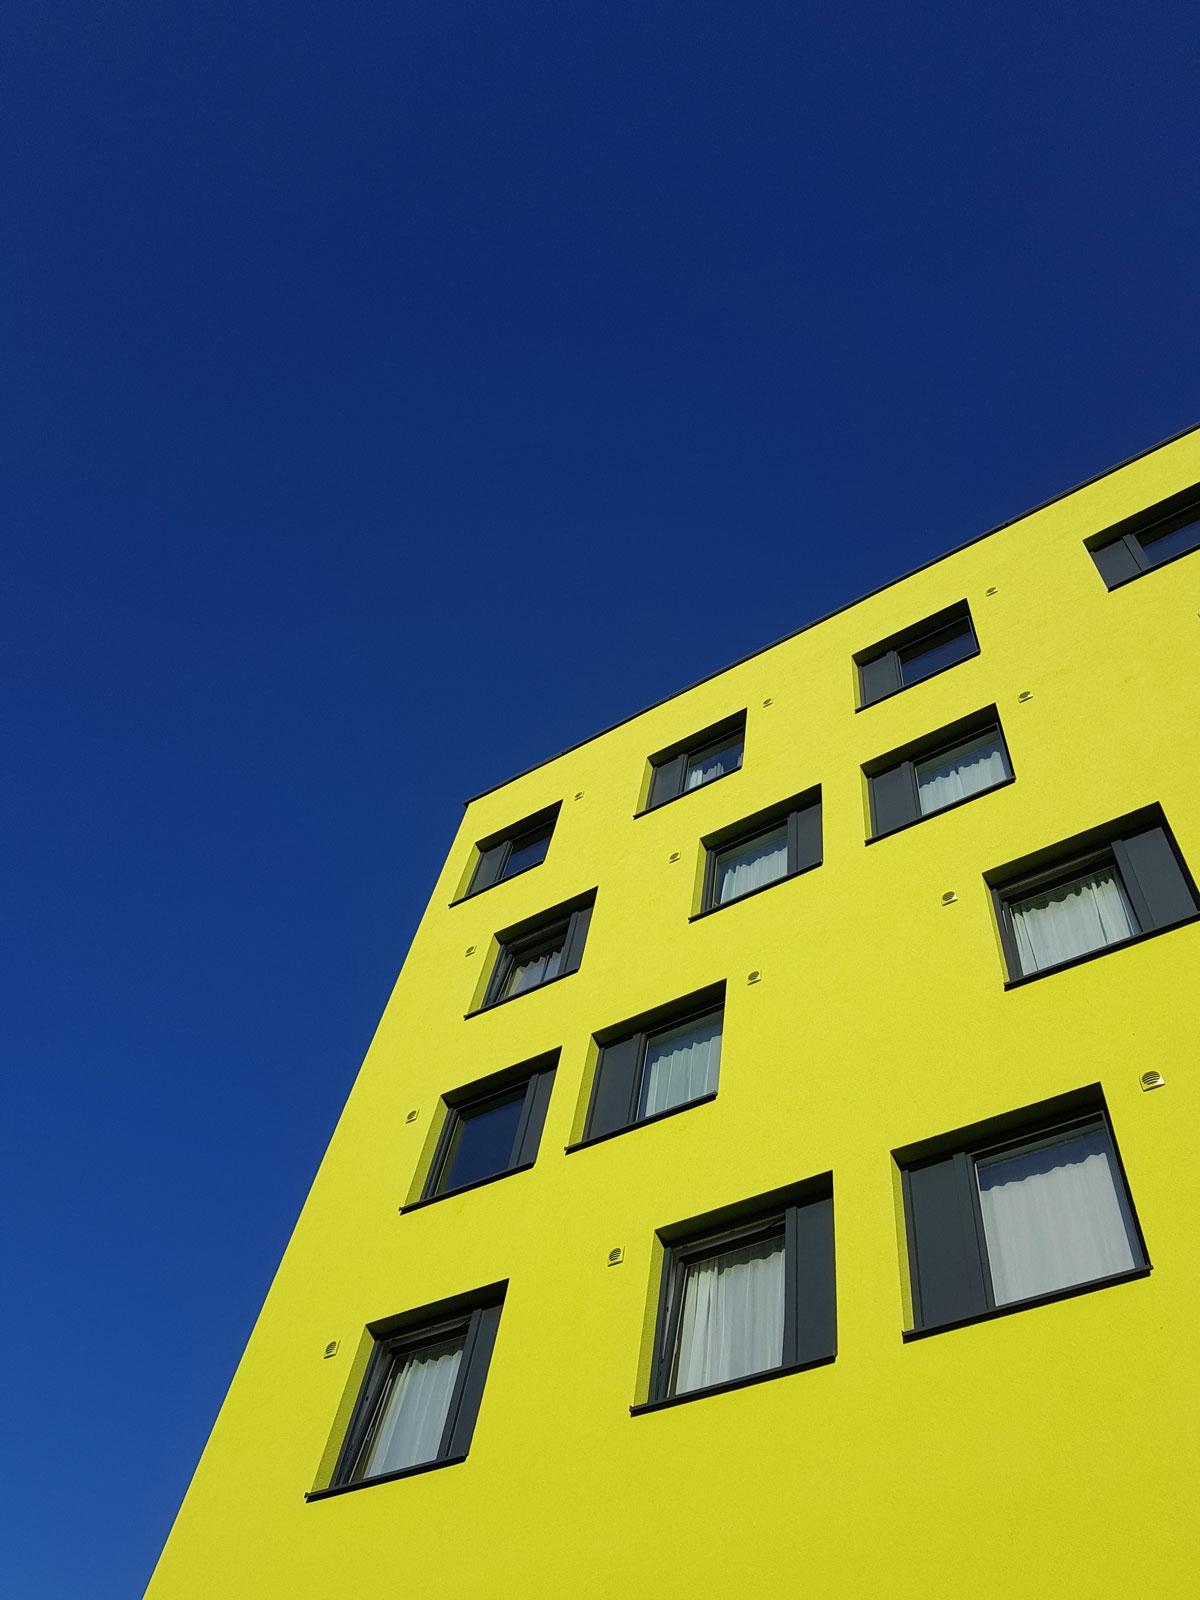 Kunststoff-Alu Fenster von Dr. Maitz in hellgrünem, modernen Gebäude in Graz